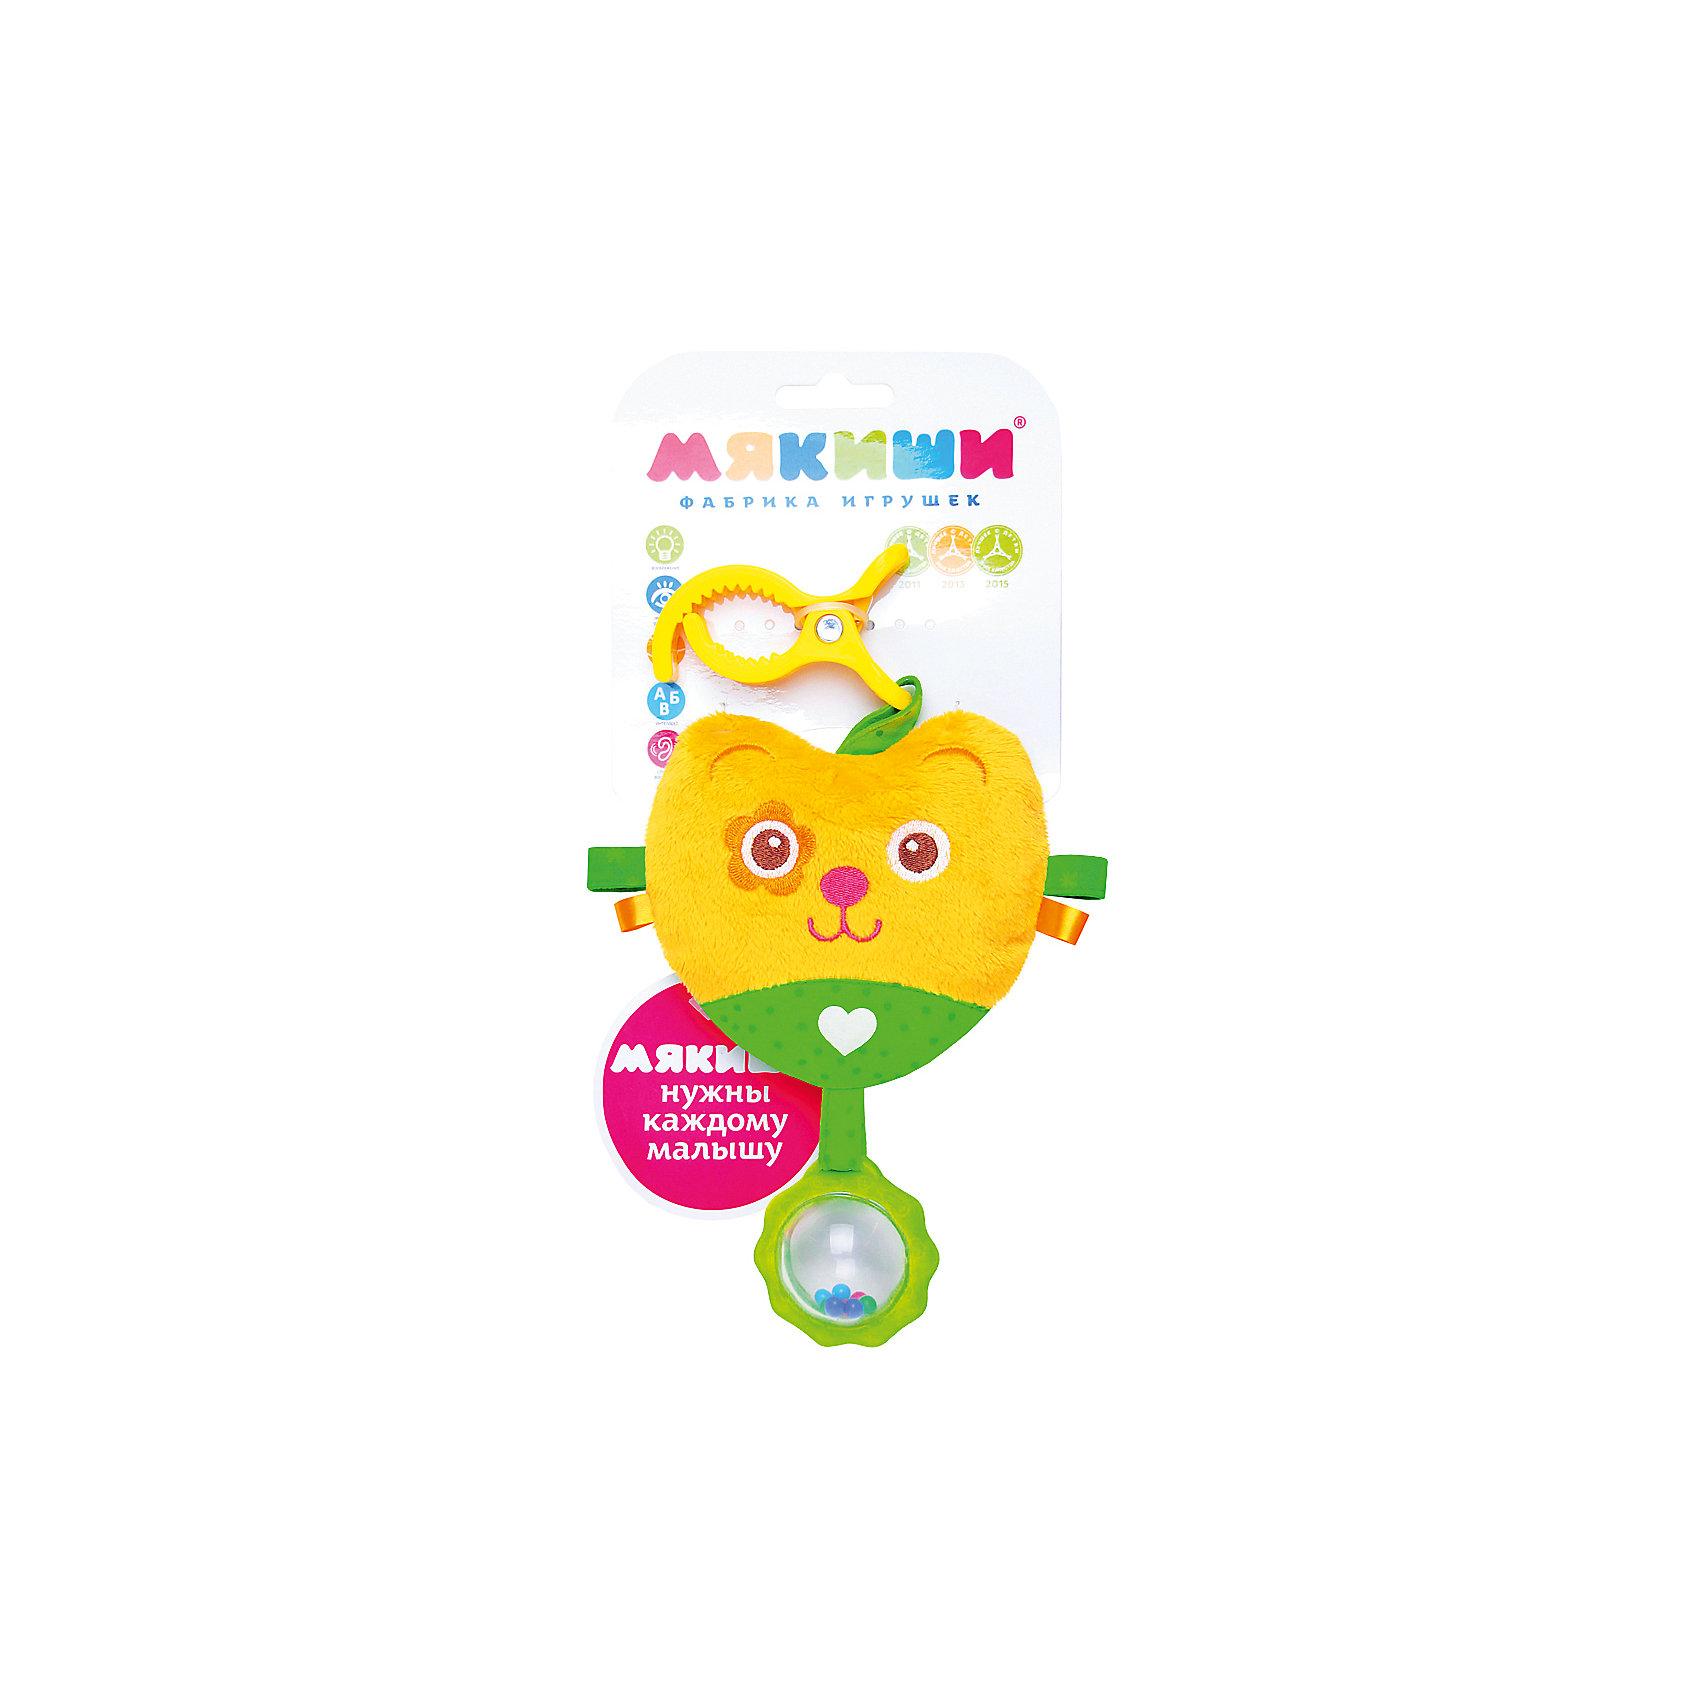 Подвеска Мишка, МякишиХарактеристики товара:<br><br>• материал: разнофактурный текстиль, холлофайбер<br>• комплектация: 1 шт<br>• размер игрушки: 16х29х4 см<br>• звуковой элемент<br>• клипса для крепления<br>• прорезыватель<br>• развивающая игрушка<br>• упаковка: ламинированный картонный холдер<br>• страна бренда: РФ<br>• страна изготовитель: РФ<br><br>Малыши активно познают мир и тянутся к новой информации. Чтобы сделать процесс изучения окружающего пространства интереснее, ребенку можно подарить развивающие игрушки. В процессе игры информация усваивается намного лучше!<br>Такие игрушки помогут занять малыша, играть ими приятно и весело. Одновременно они позволят познакомиться со многими цветами, фактурами, а также научиться извлекать звук. Подобные игрушки развивают тактильные ощущения, моторику, цветовосприятие, логику, воображение, учат фокусировать внимание. Каждое изделие абсолютно безопасно – оно создано из качественной ткани с мягким наполнителем. Игрушки производятся из качественных и проверенных материалов, которые безопасны для детей.<br><br>Подвеску Мишка от бренда Мякиши можно купить в нашем интернет-магазине.<br><br>Ширина мм: 320<br>Глубина мм: 160<br>Высота мм: 40<br>Вес г: 40<br>Возраст от месяцев: 12<br>Возраст до месяцев: 36<br>Пол: Унисекс<br>Возраст: Детский<br>SKU: 5183208